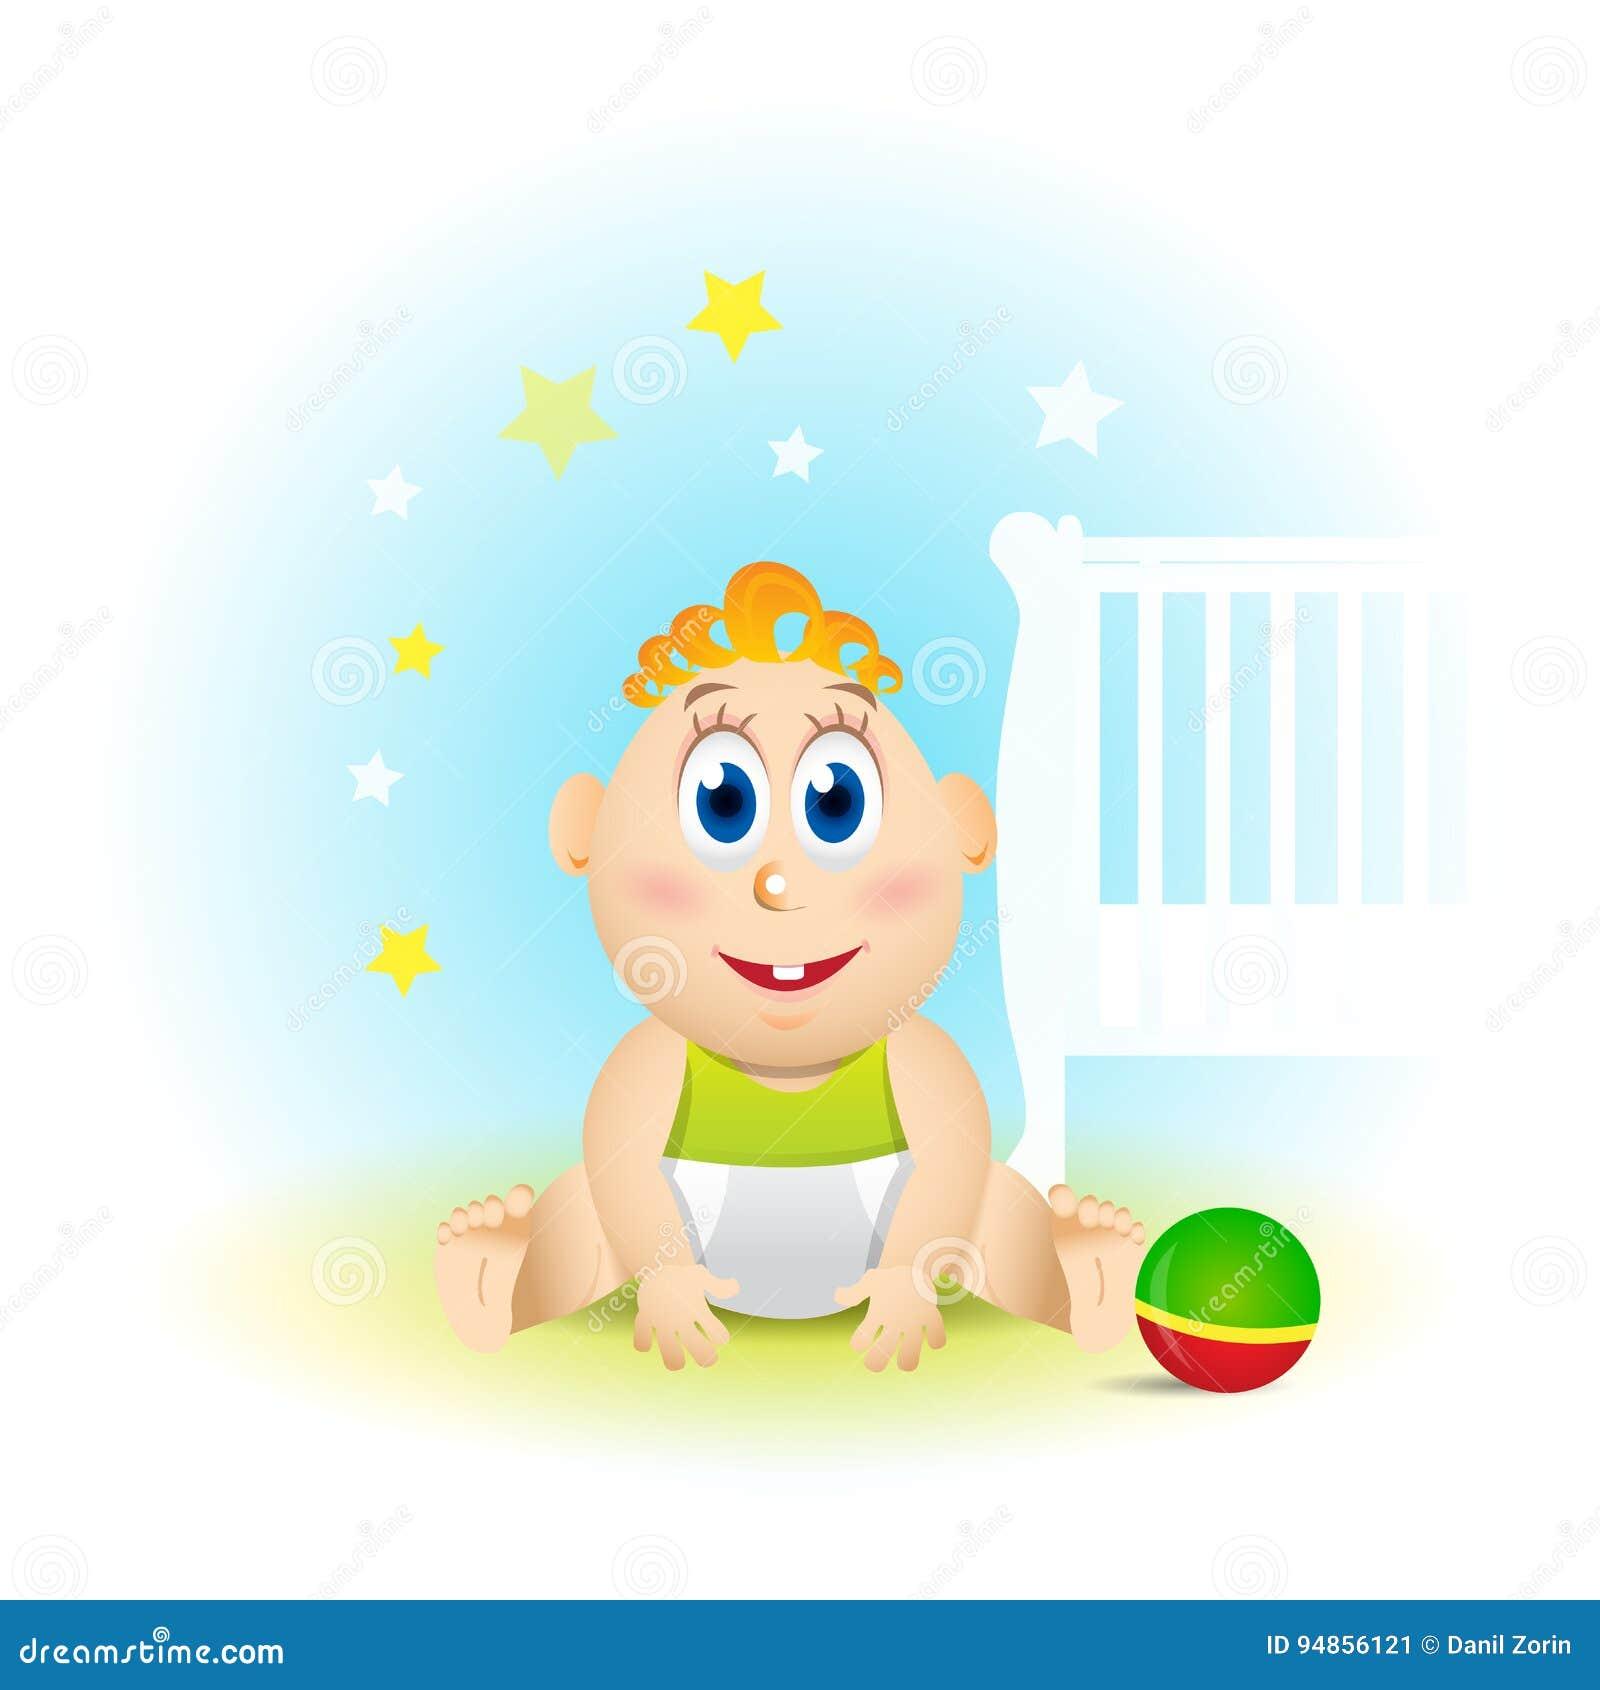 Bunte Illustration Eines Babys Baby Sitzt Und Lächelt Lustige